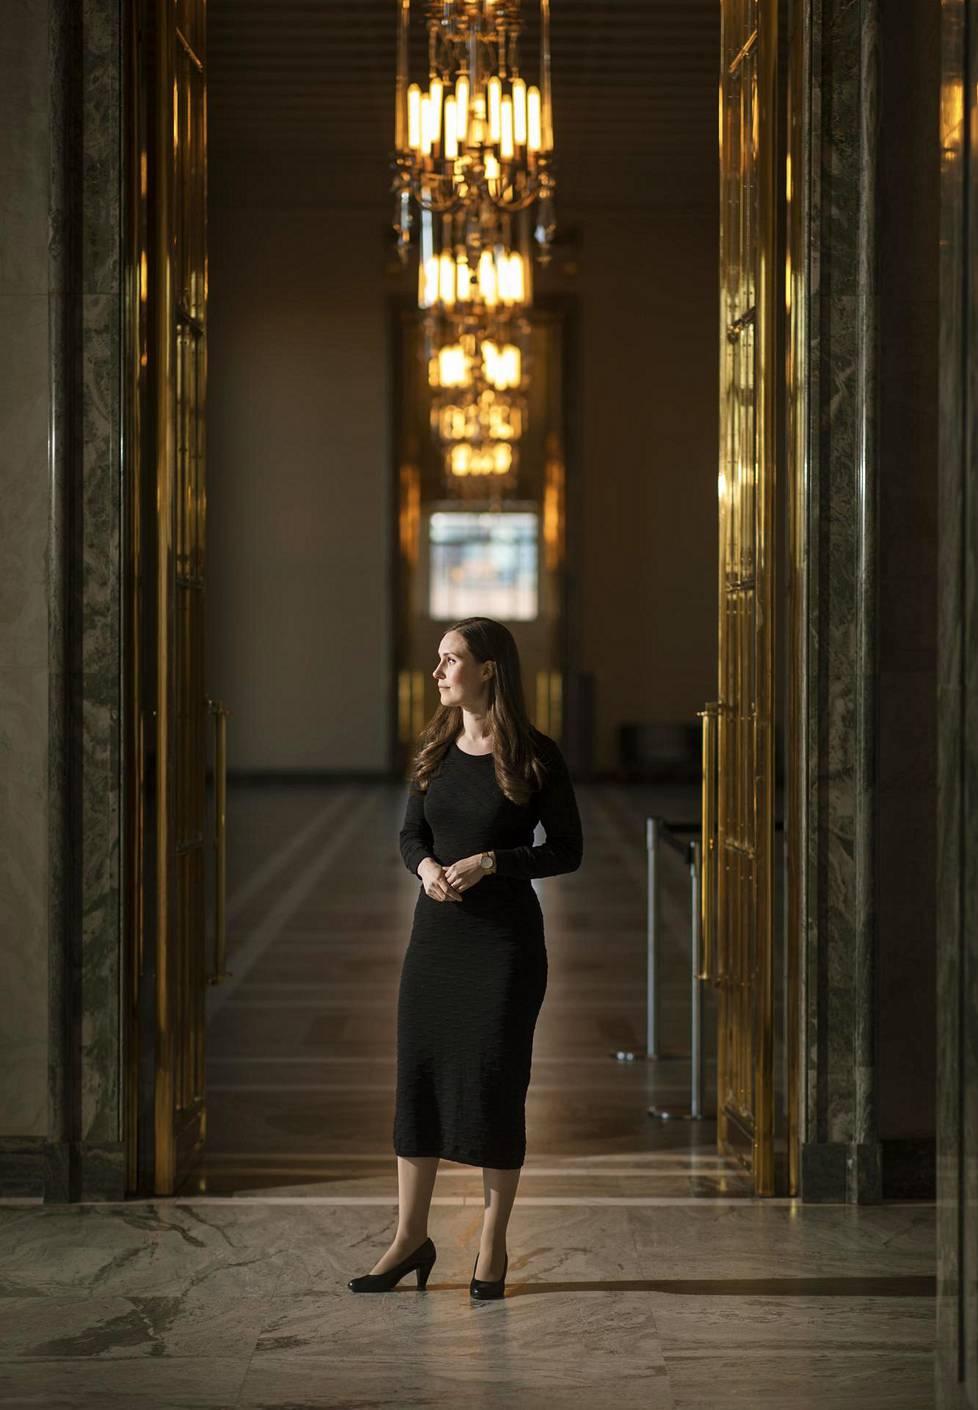 Pääministeri Sanna Marin Eduskunnan valtiosalin ovella perjantaina.